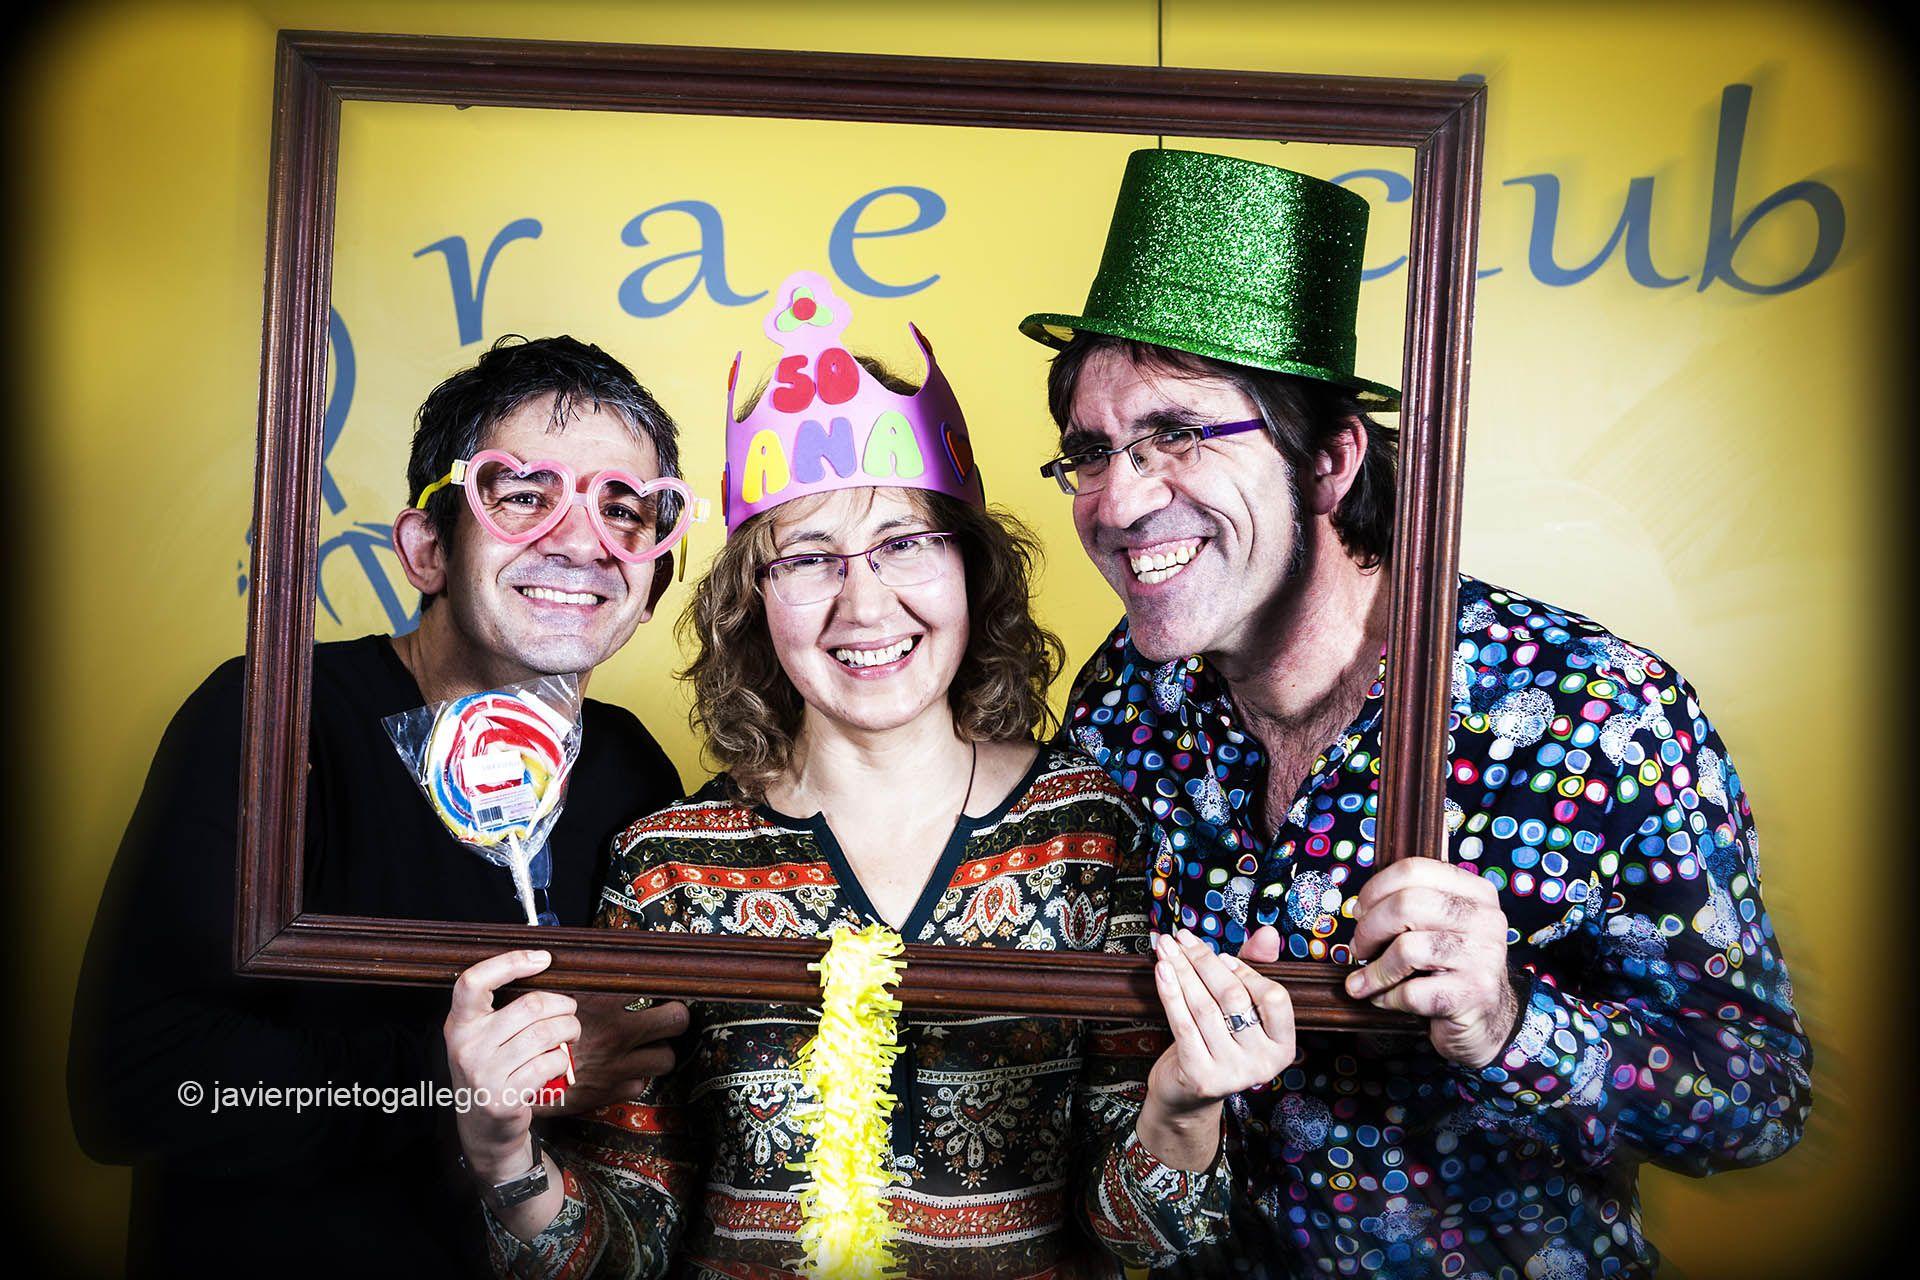 Pon un photocall en tu fiesta. Te cuento cómo en este reportaje| www.javierprietogallego.com